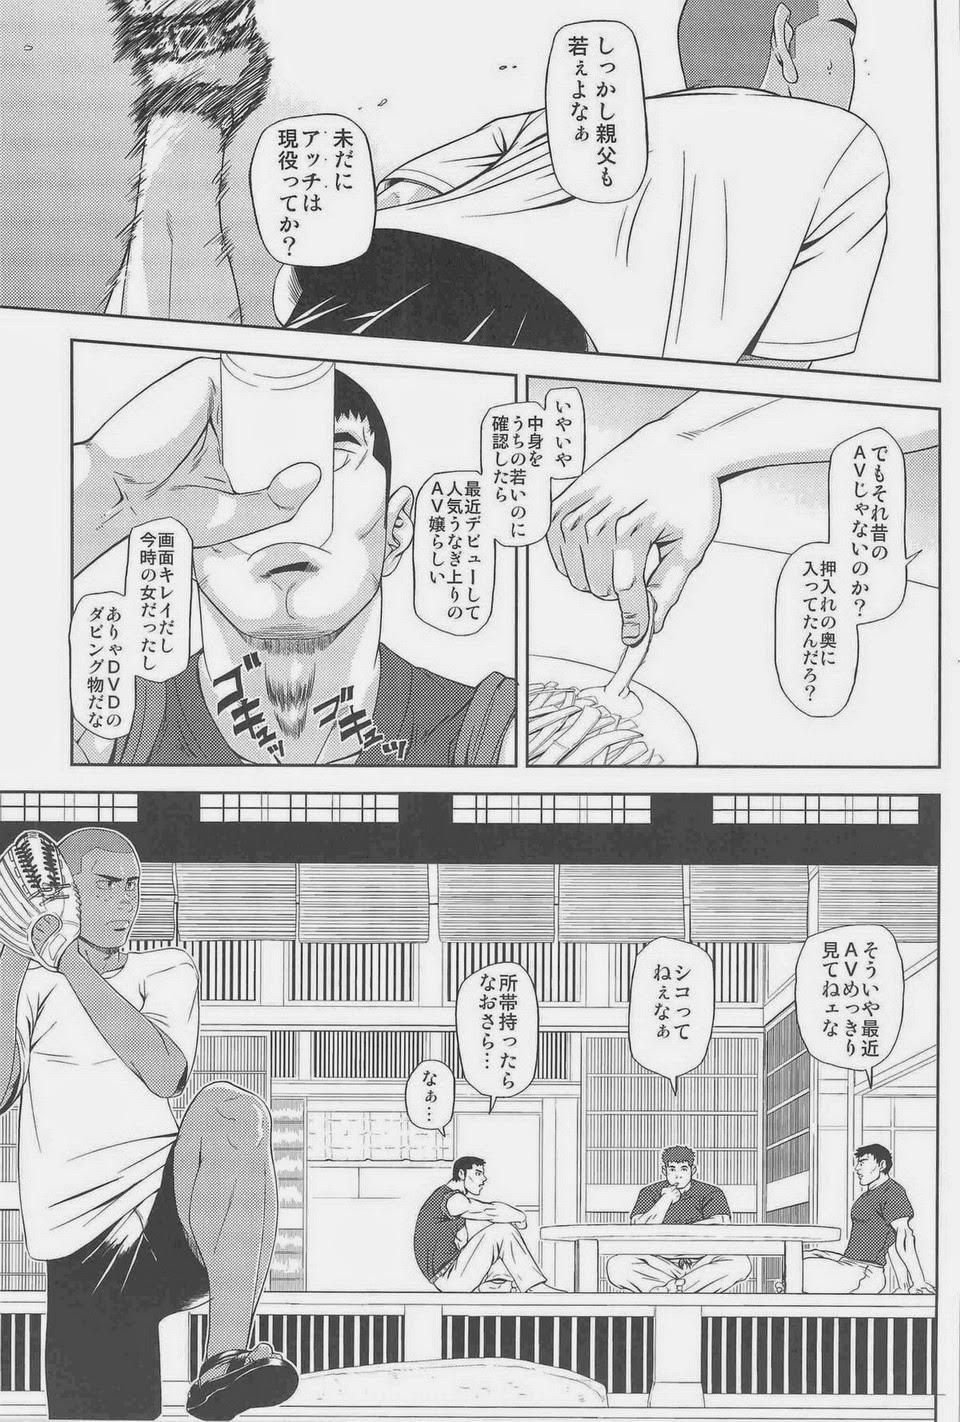 同士 セックス 漫画 男